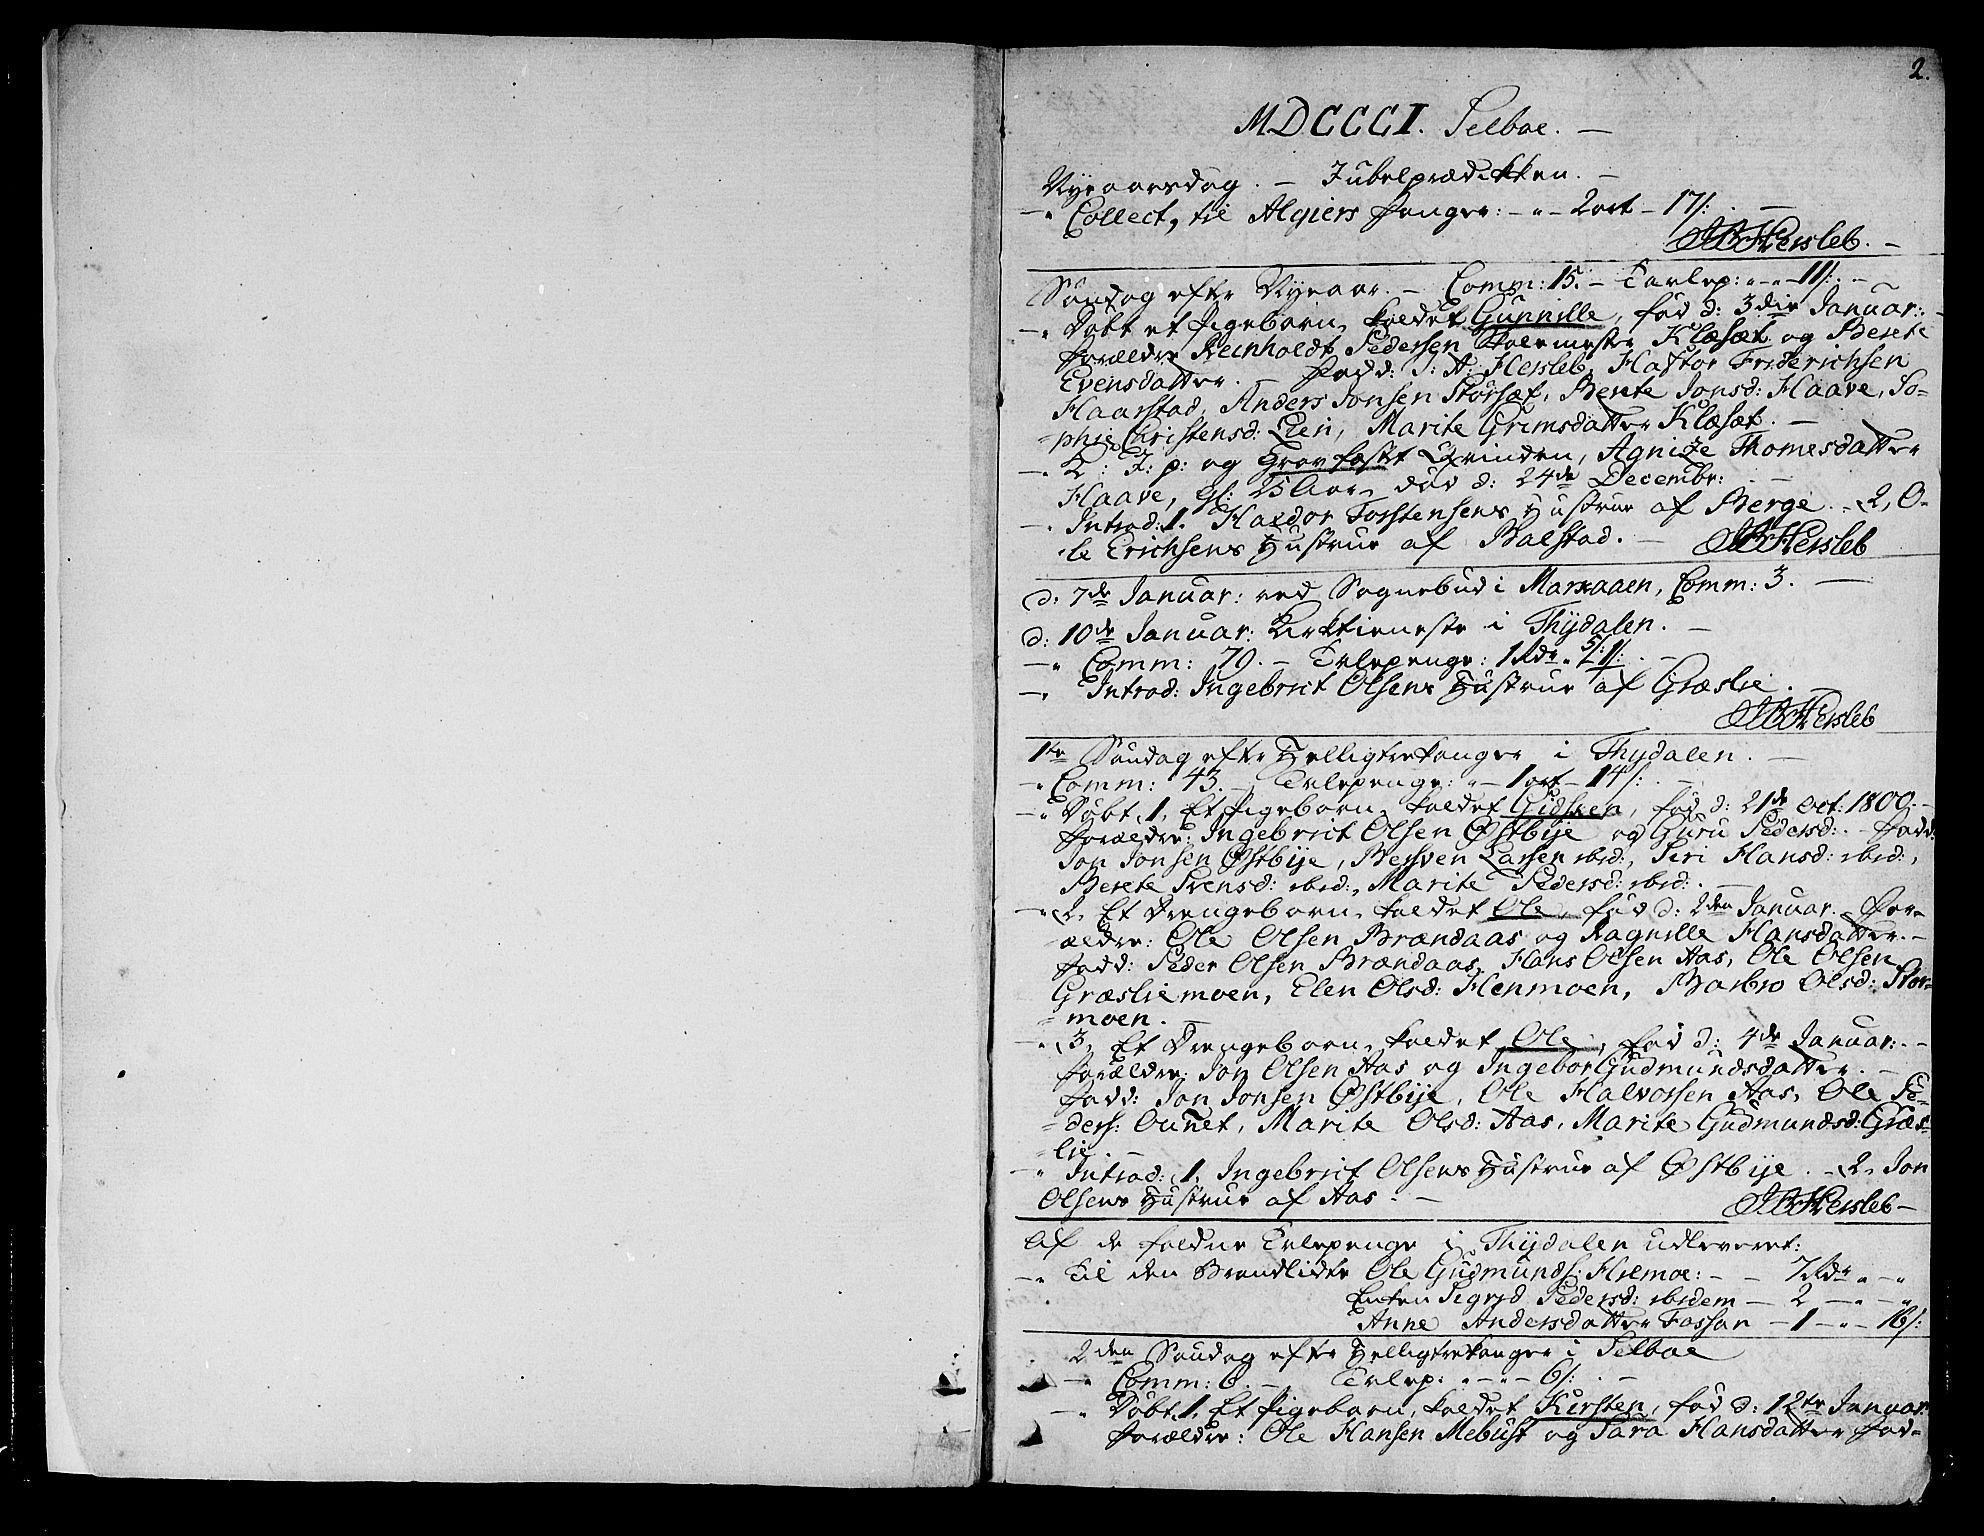 SAT, Ministerialprotokoller, klokkerbøker og fødselsregistre - Sør-Trøndelag, 695/L1140: Ministerialbok nr. 695A03, 1801-1815, s. 2